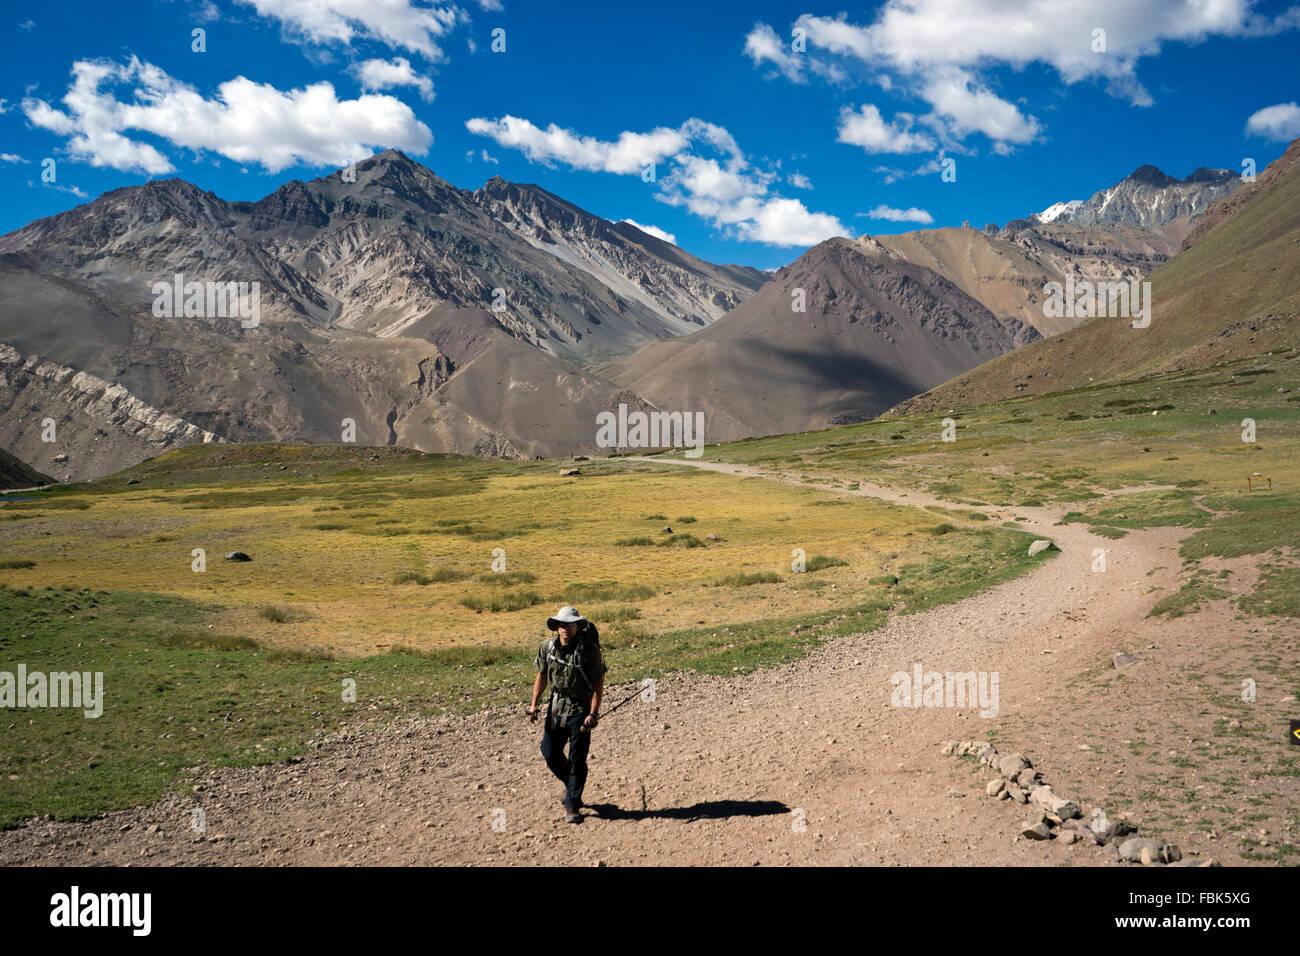 Auf dem Weg zum Gipfel des Aconcagua in Argentinien Anden. Stockbild